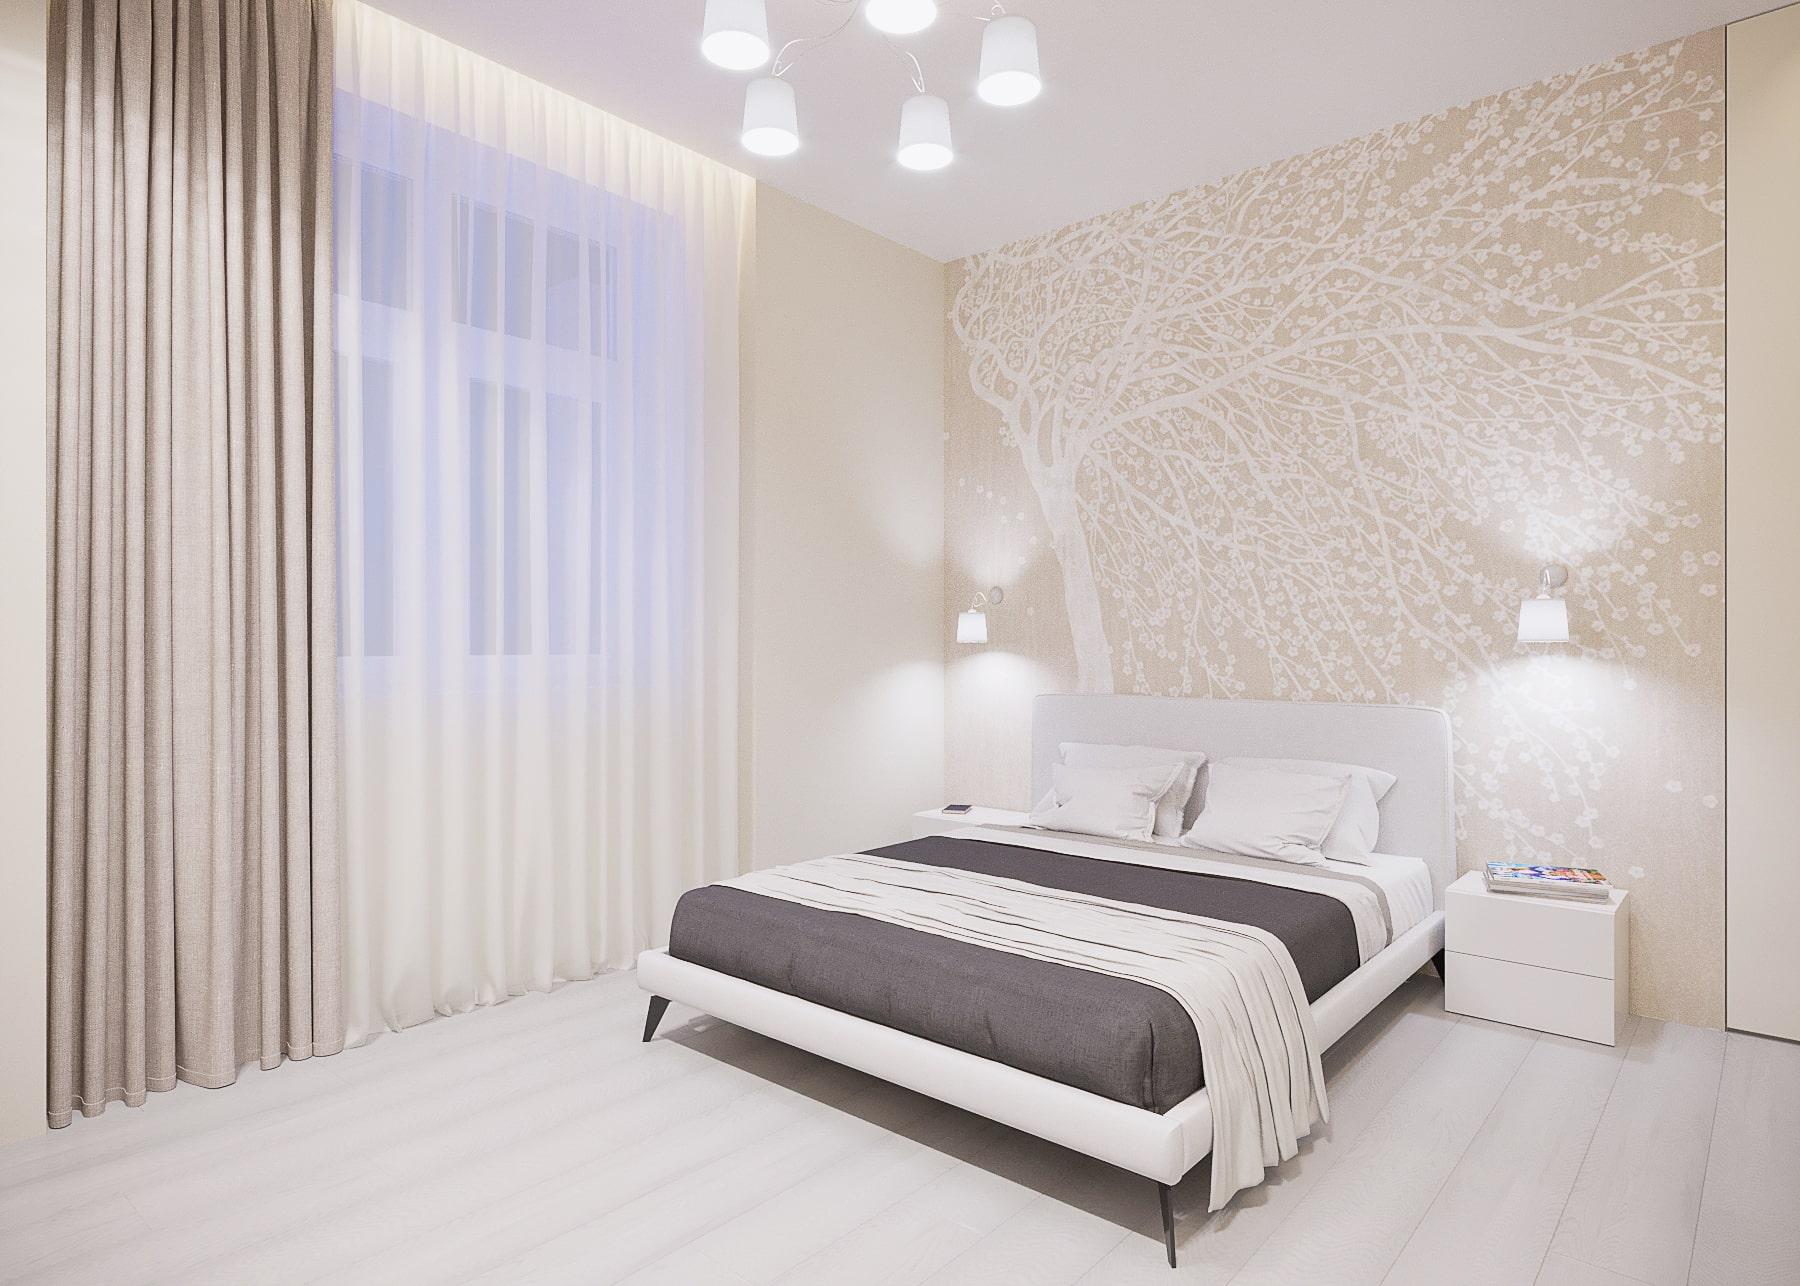 Цена дизайн интерьера в «ЖК Фаворит», Одесса